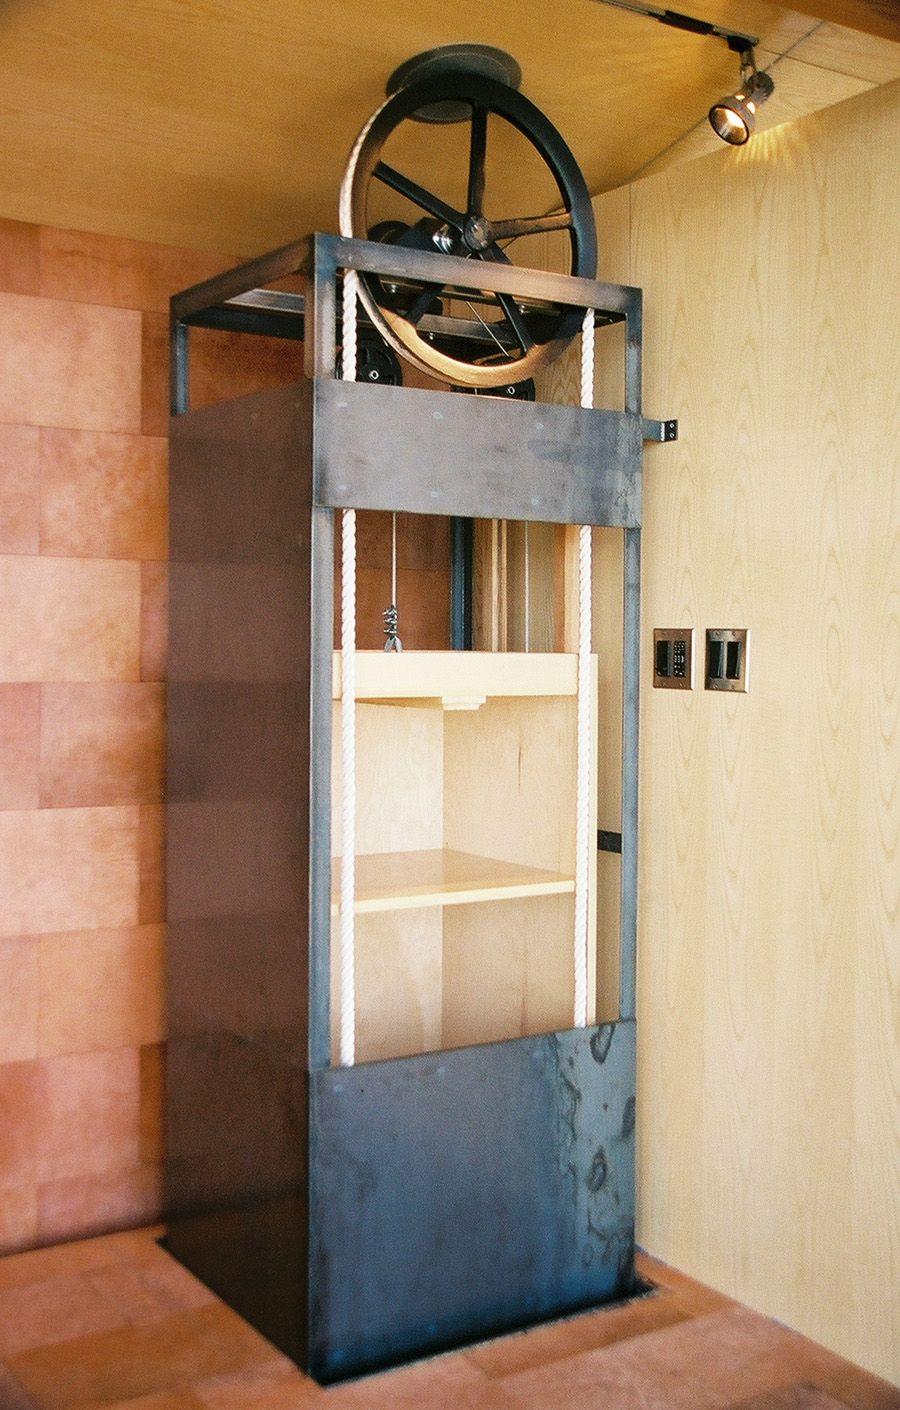 how to build a homemade elevator